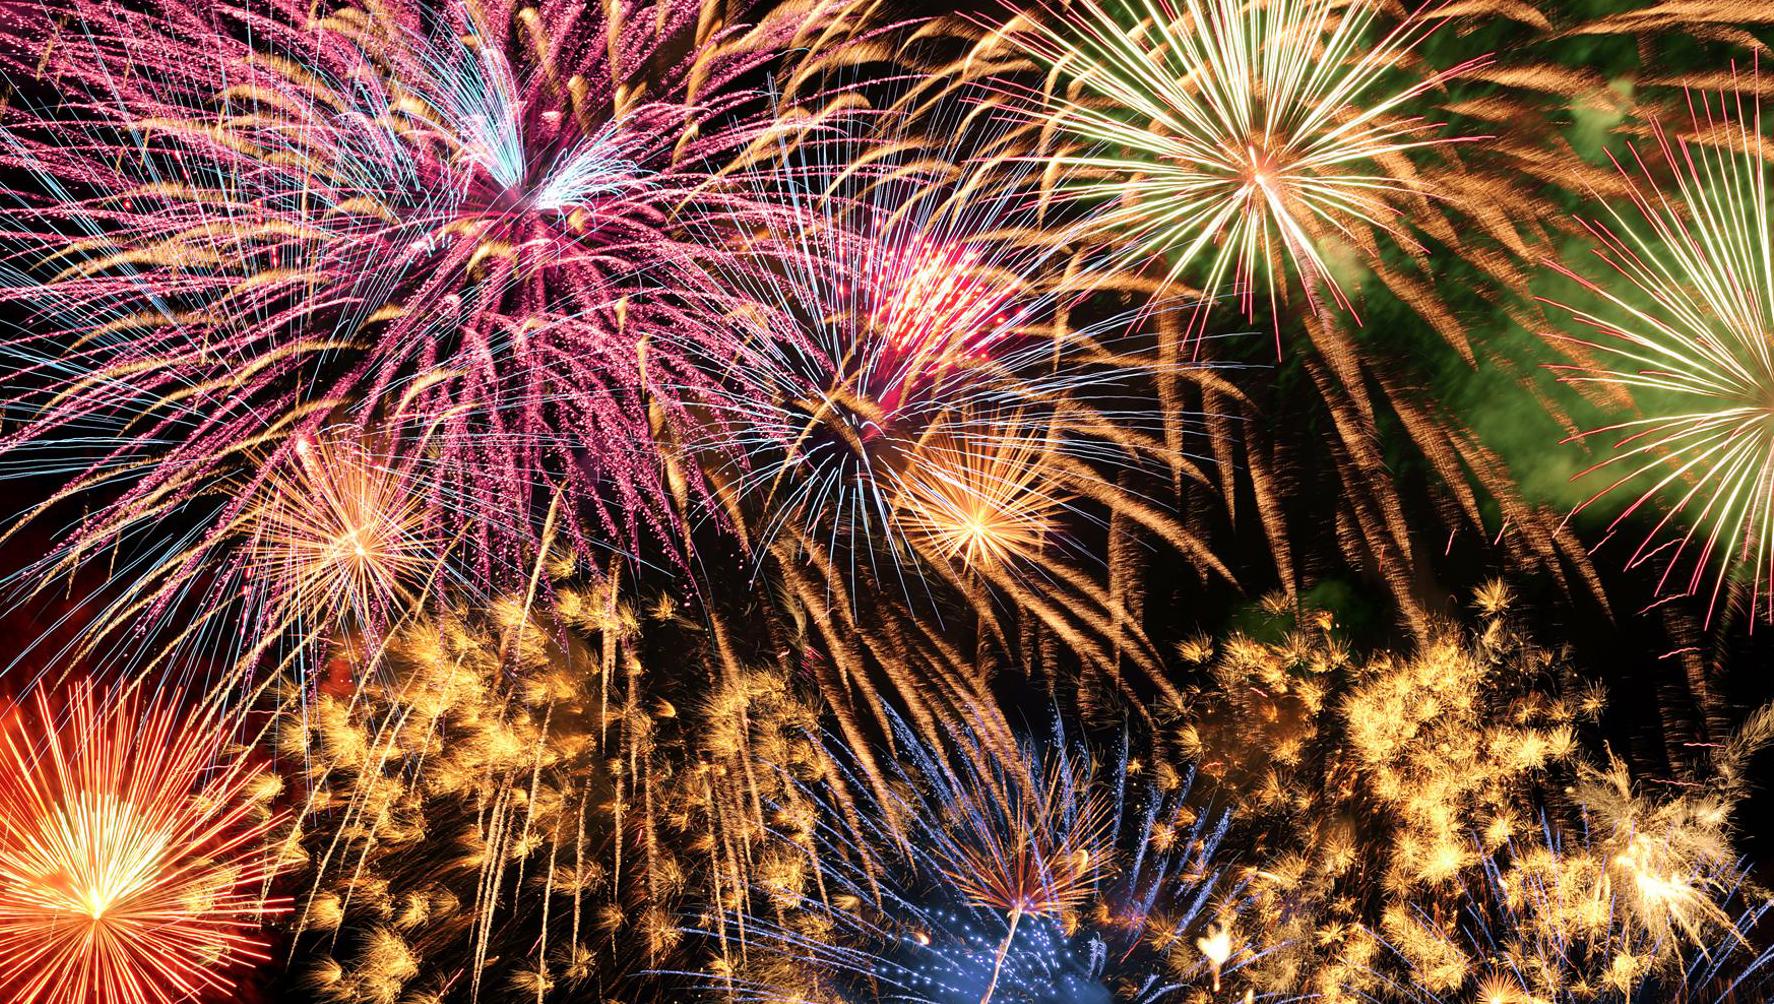 Die Niederlande verbieten diese Jahr das Entzünden von Feuerwerkskörpern